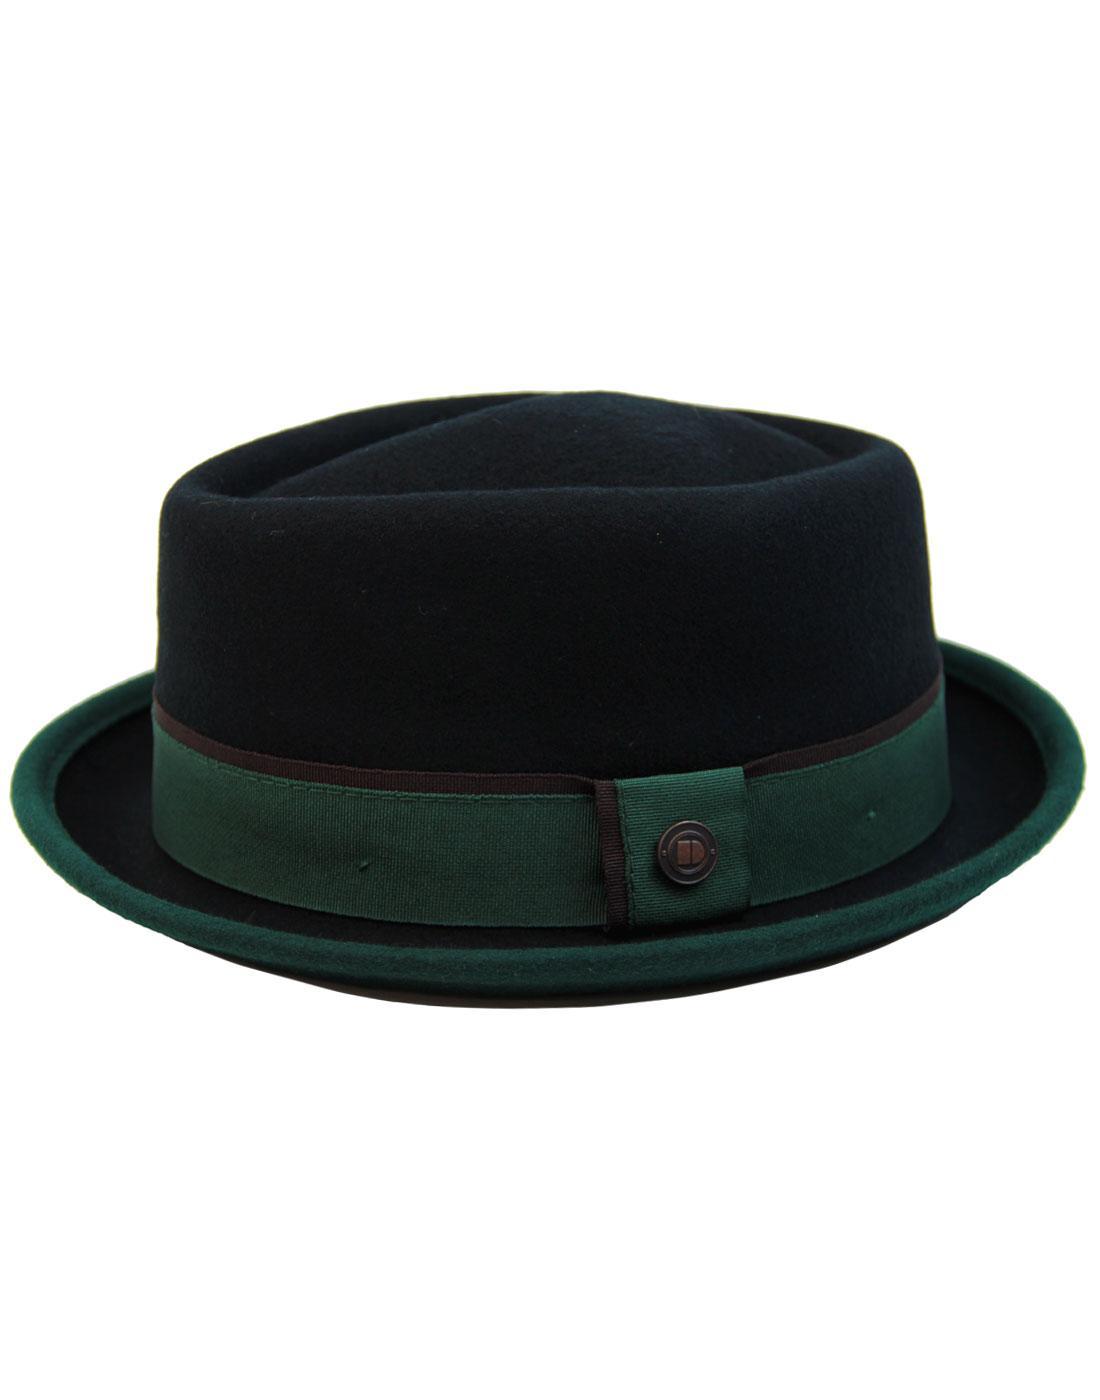 Edward DASMARCA Retro Mod Porkpie Trilby Hat (B/E)